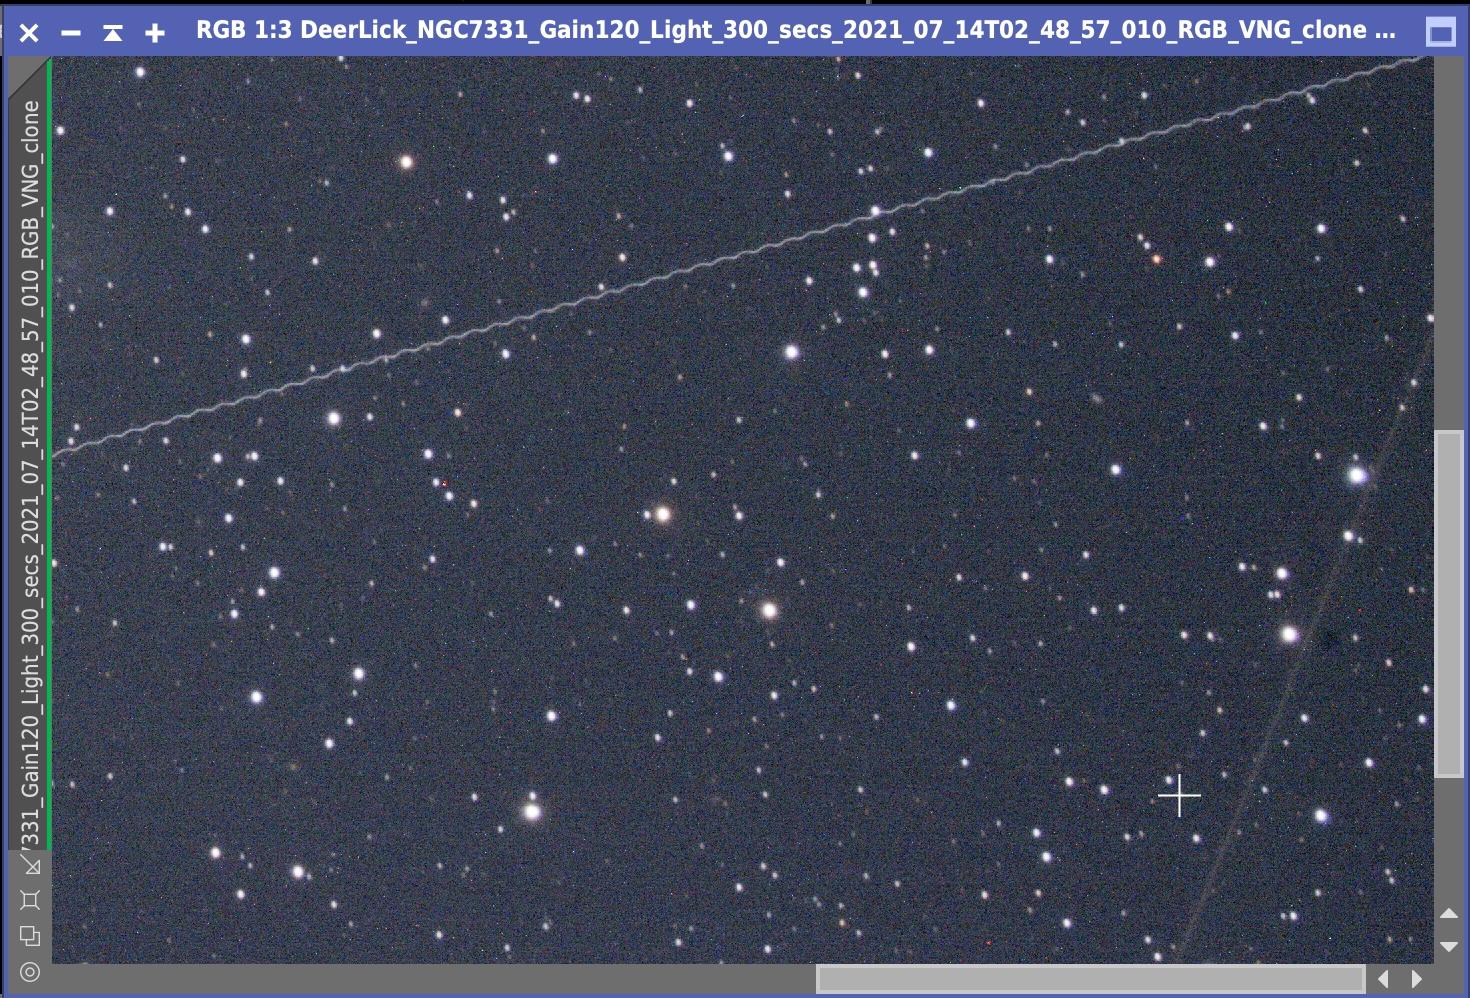 DeerLickSub_Wobble_and_Straight_SatelliteTrails.jpg